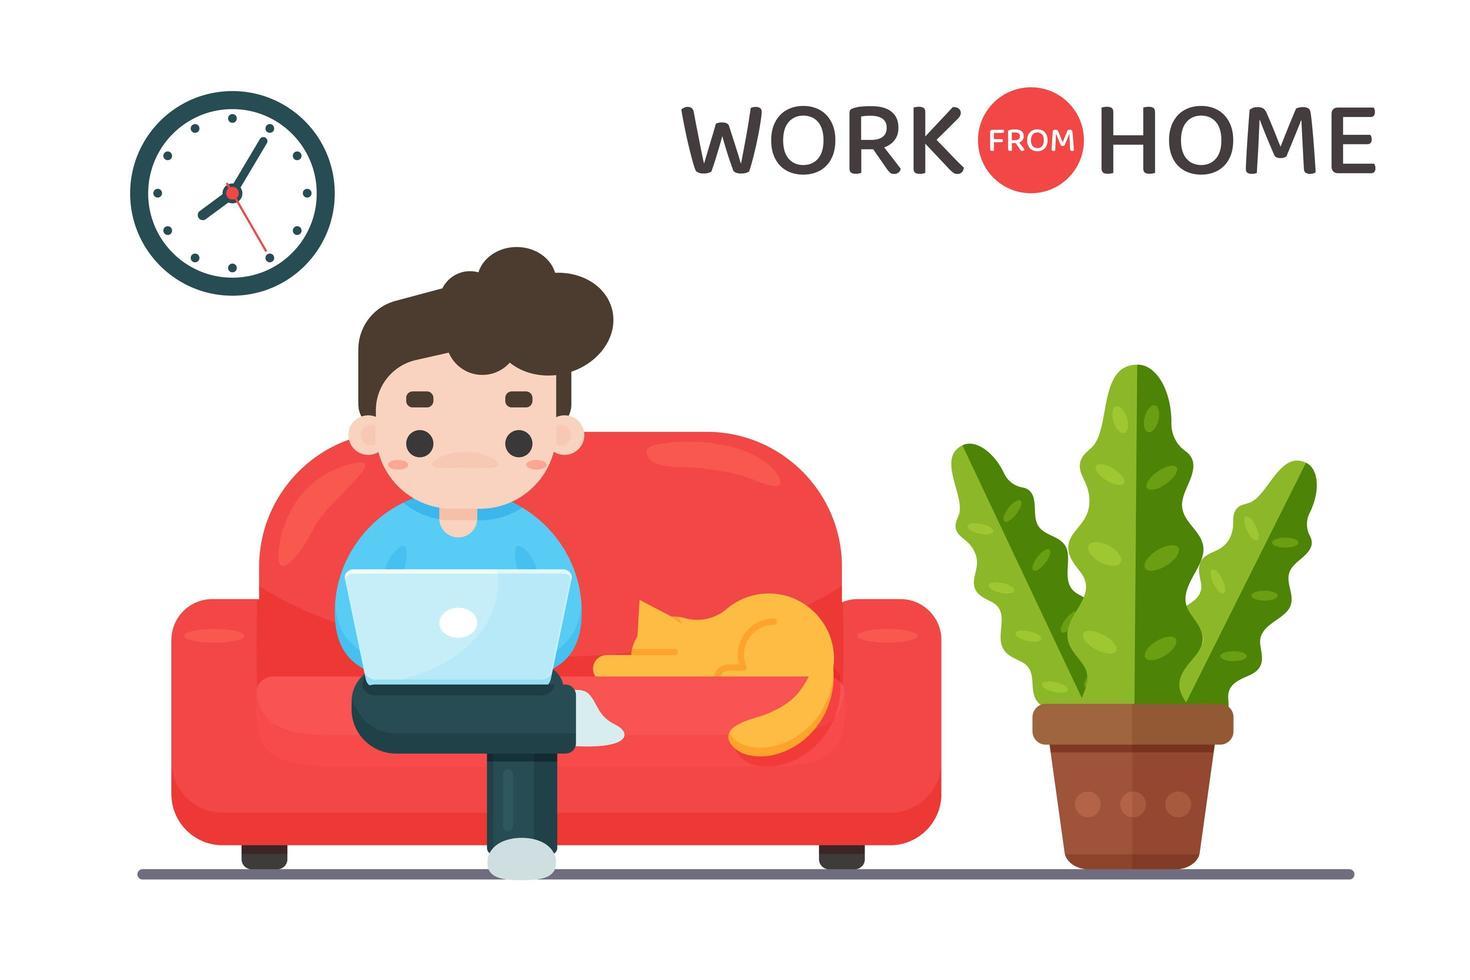 man op de sofa werken vanuit huis vector